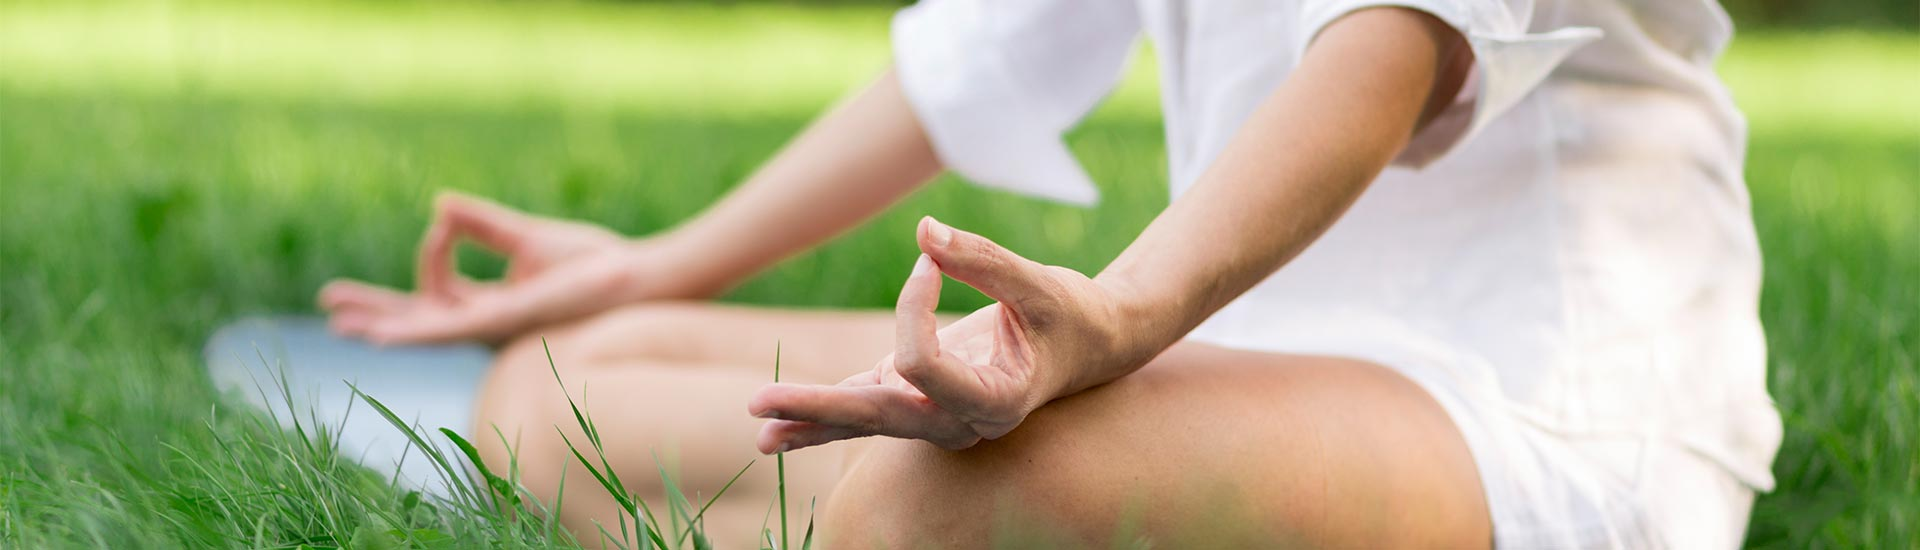 Spüren Sie die Kraft der Natur in Ihrem Yogaurlaub in Bad Hofgastein